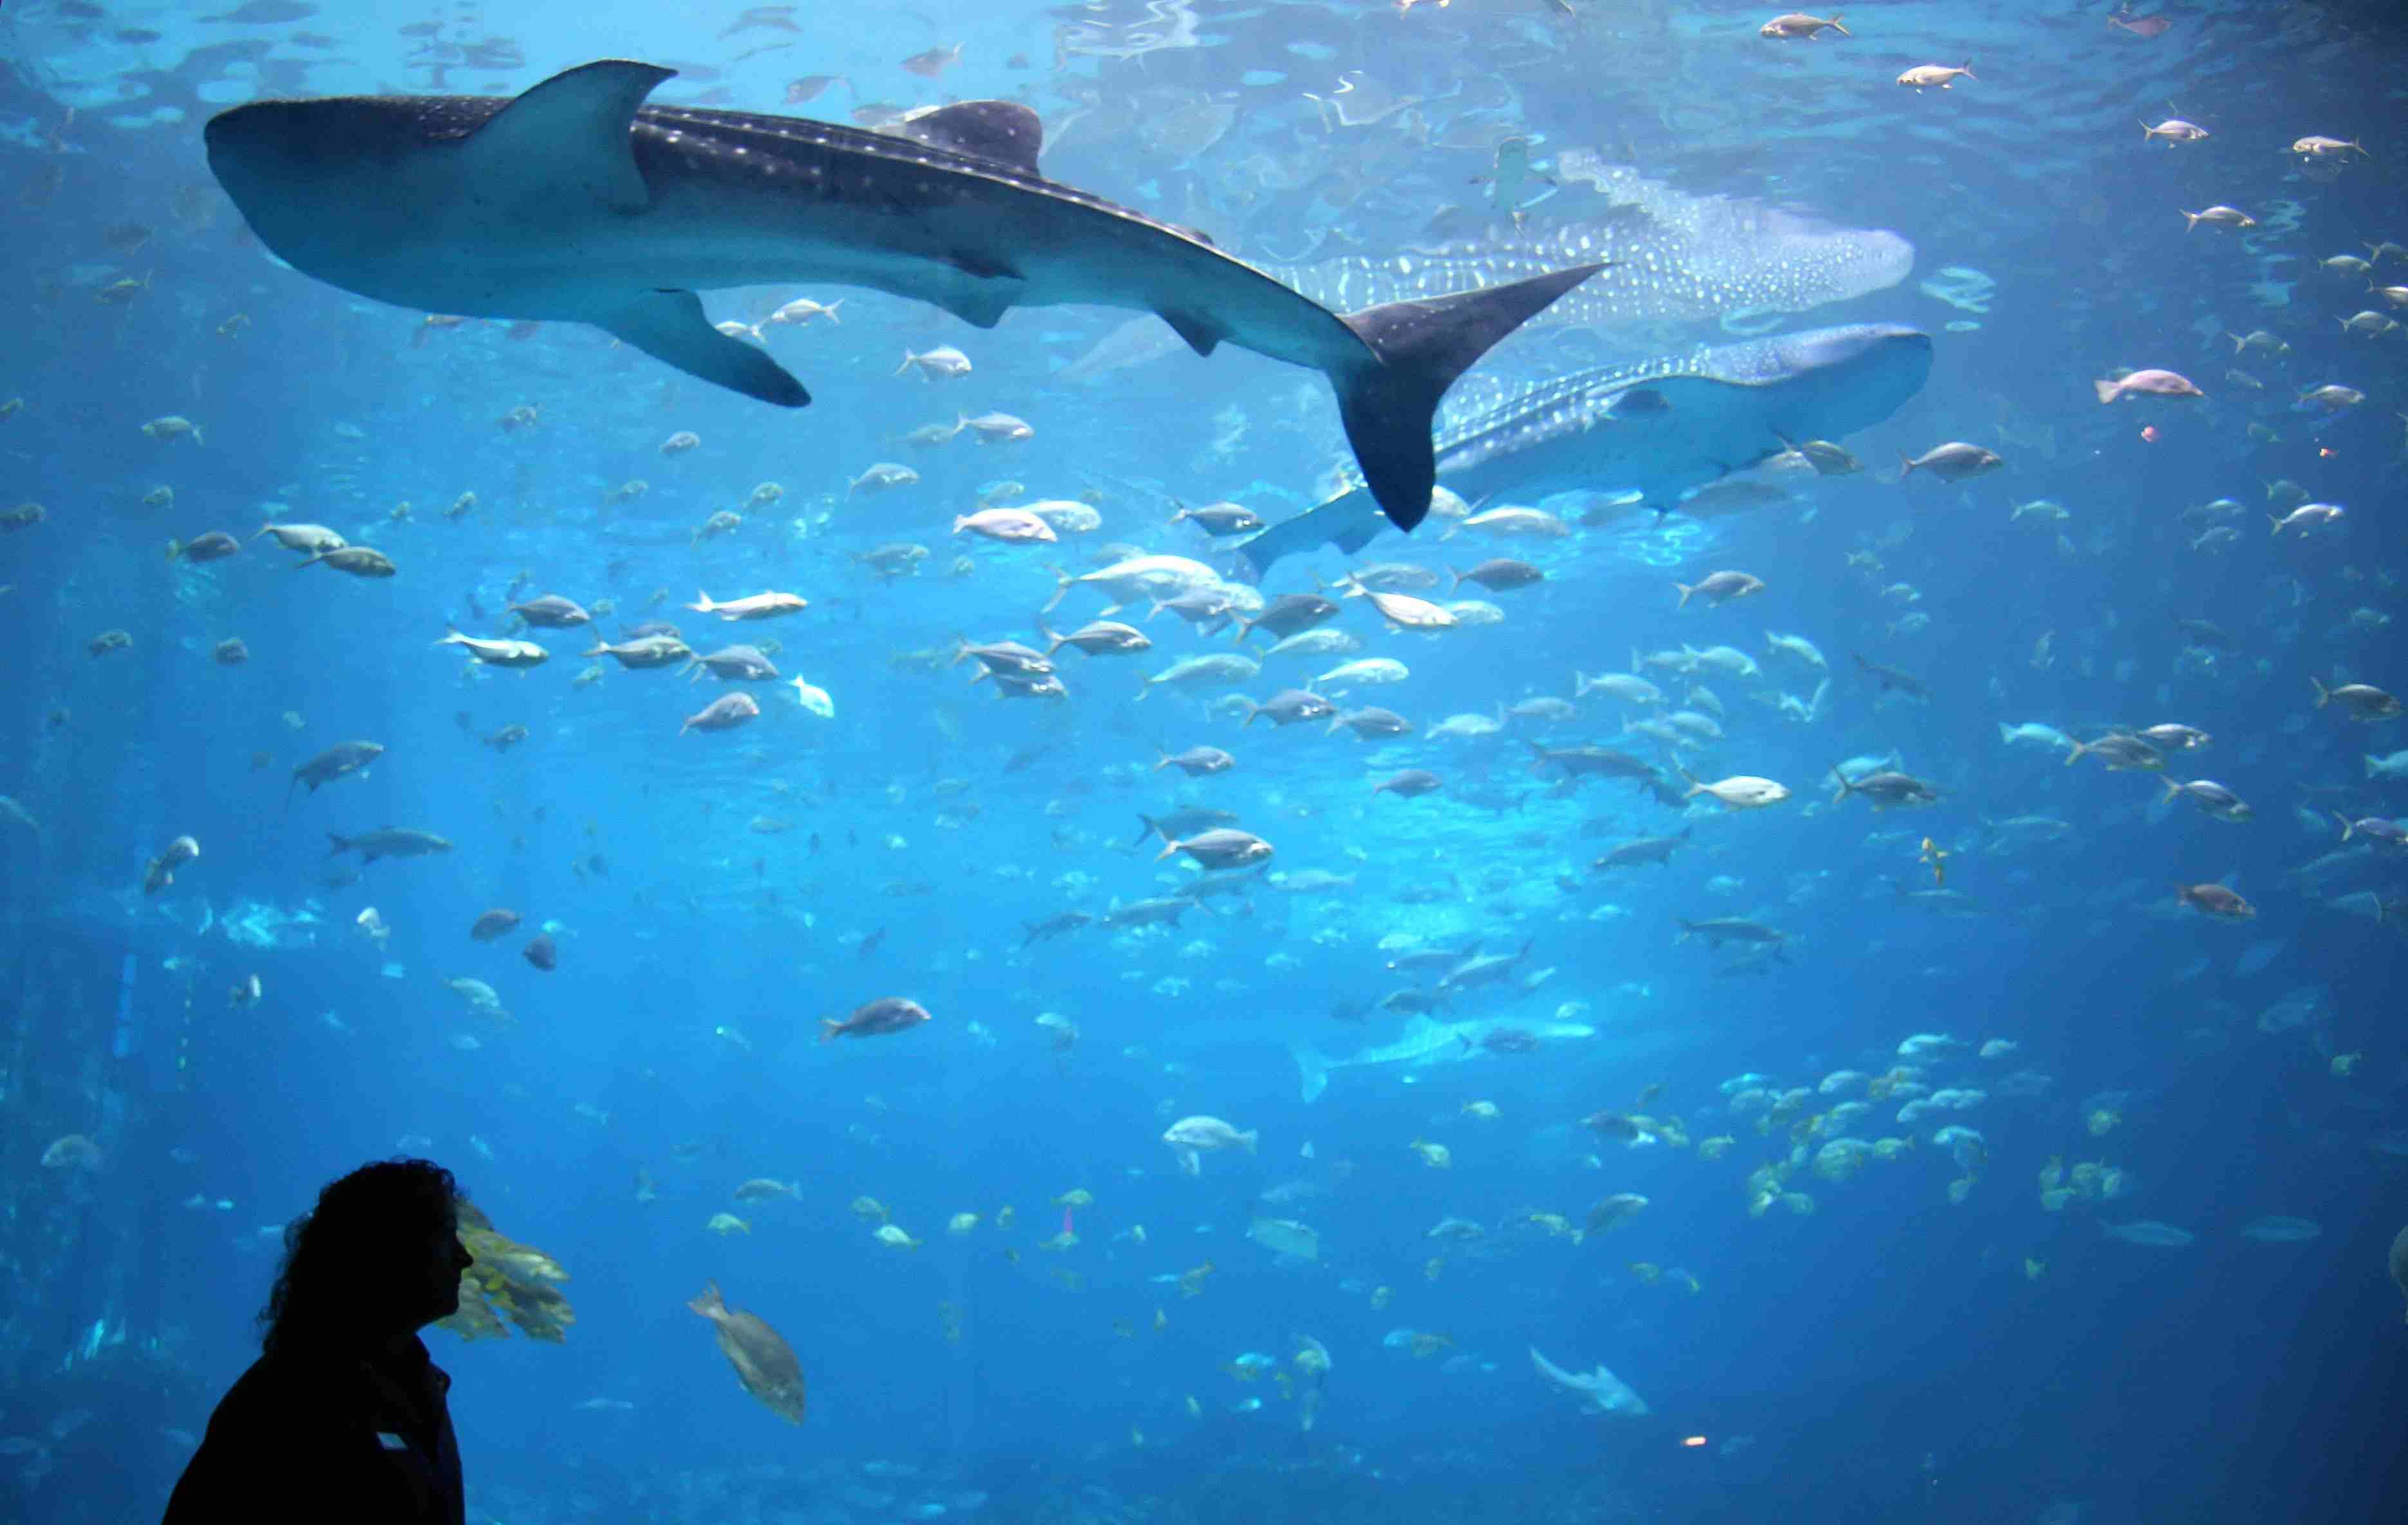 Whale shark in giant aquarium tank at Georgia Aquarium